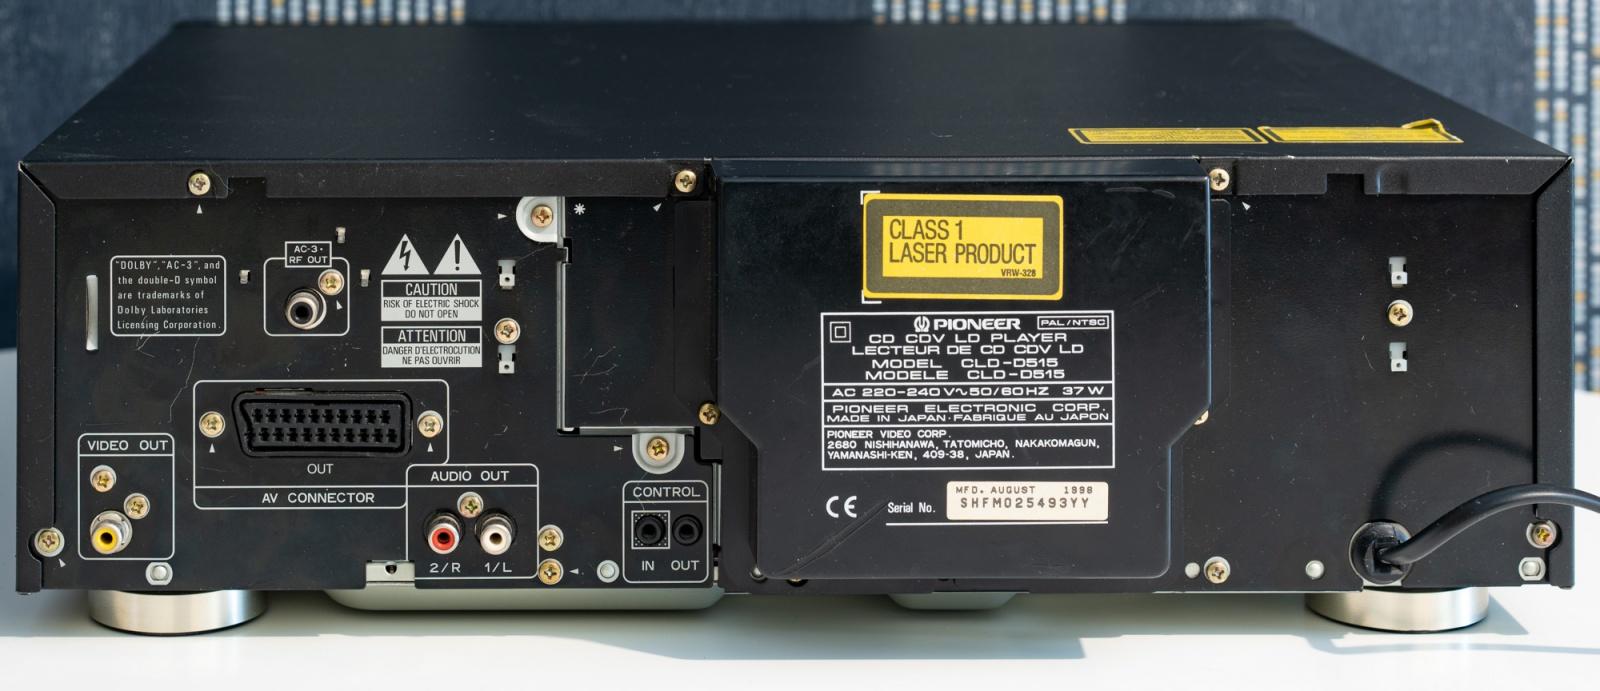 Лазерные видеодиски, ретрокино и автореверс - 8